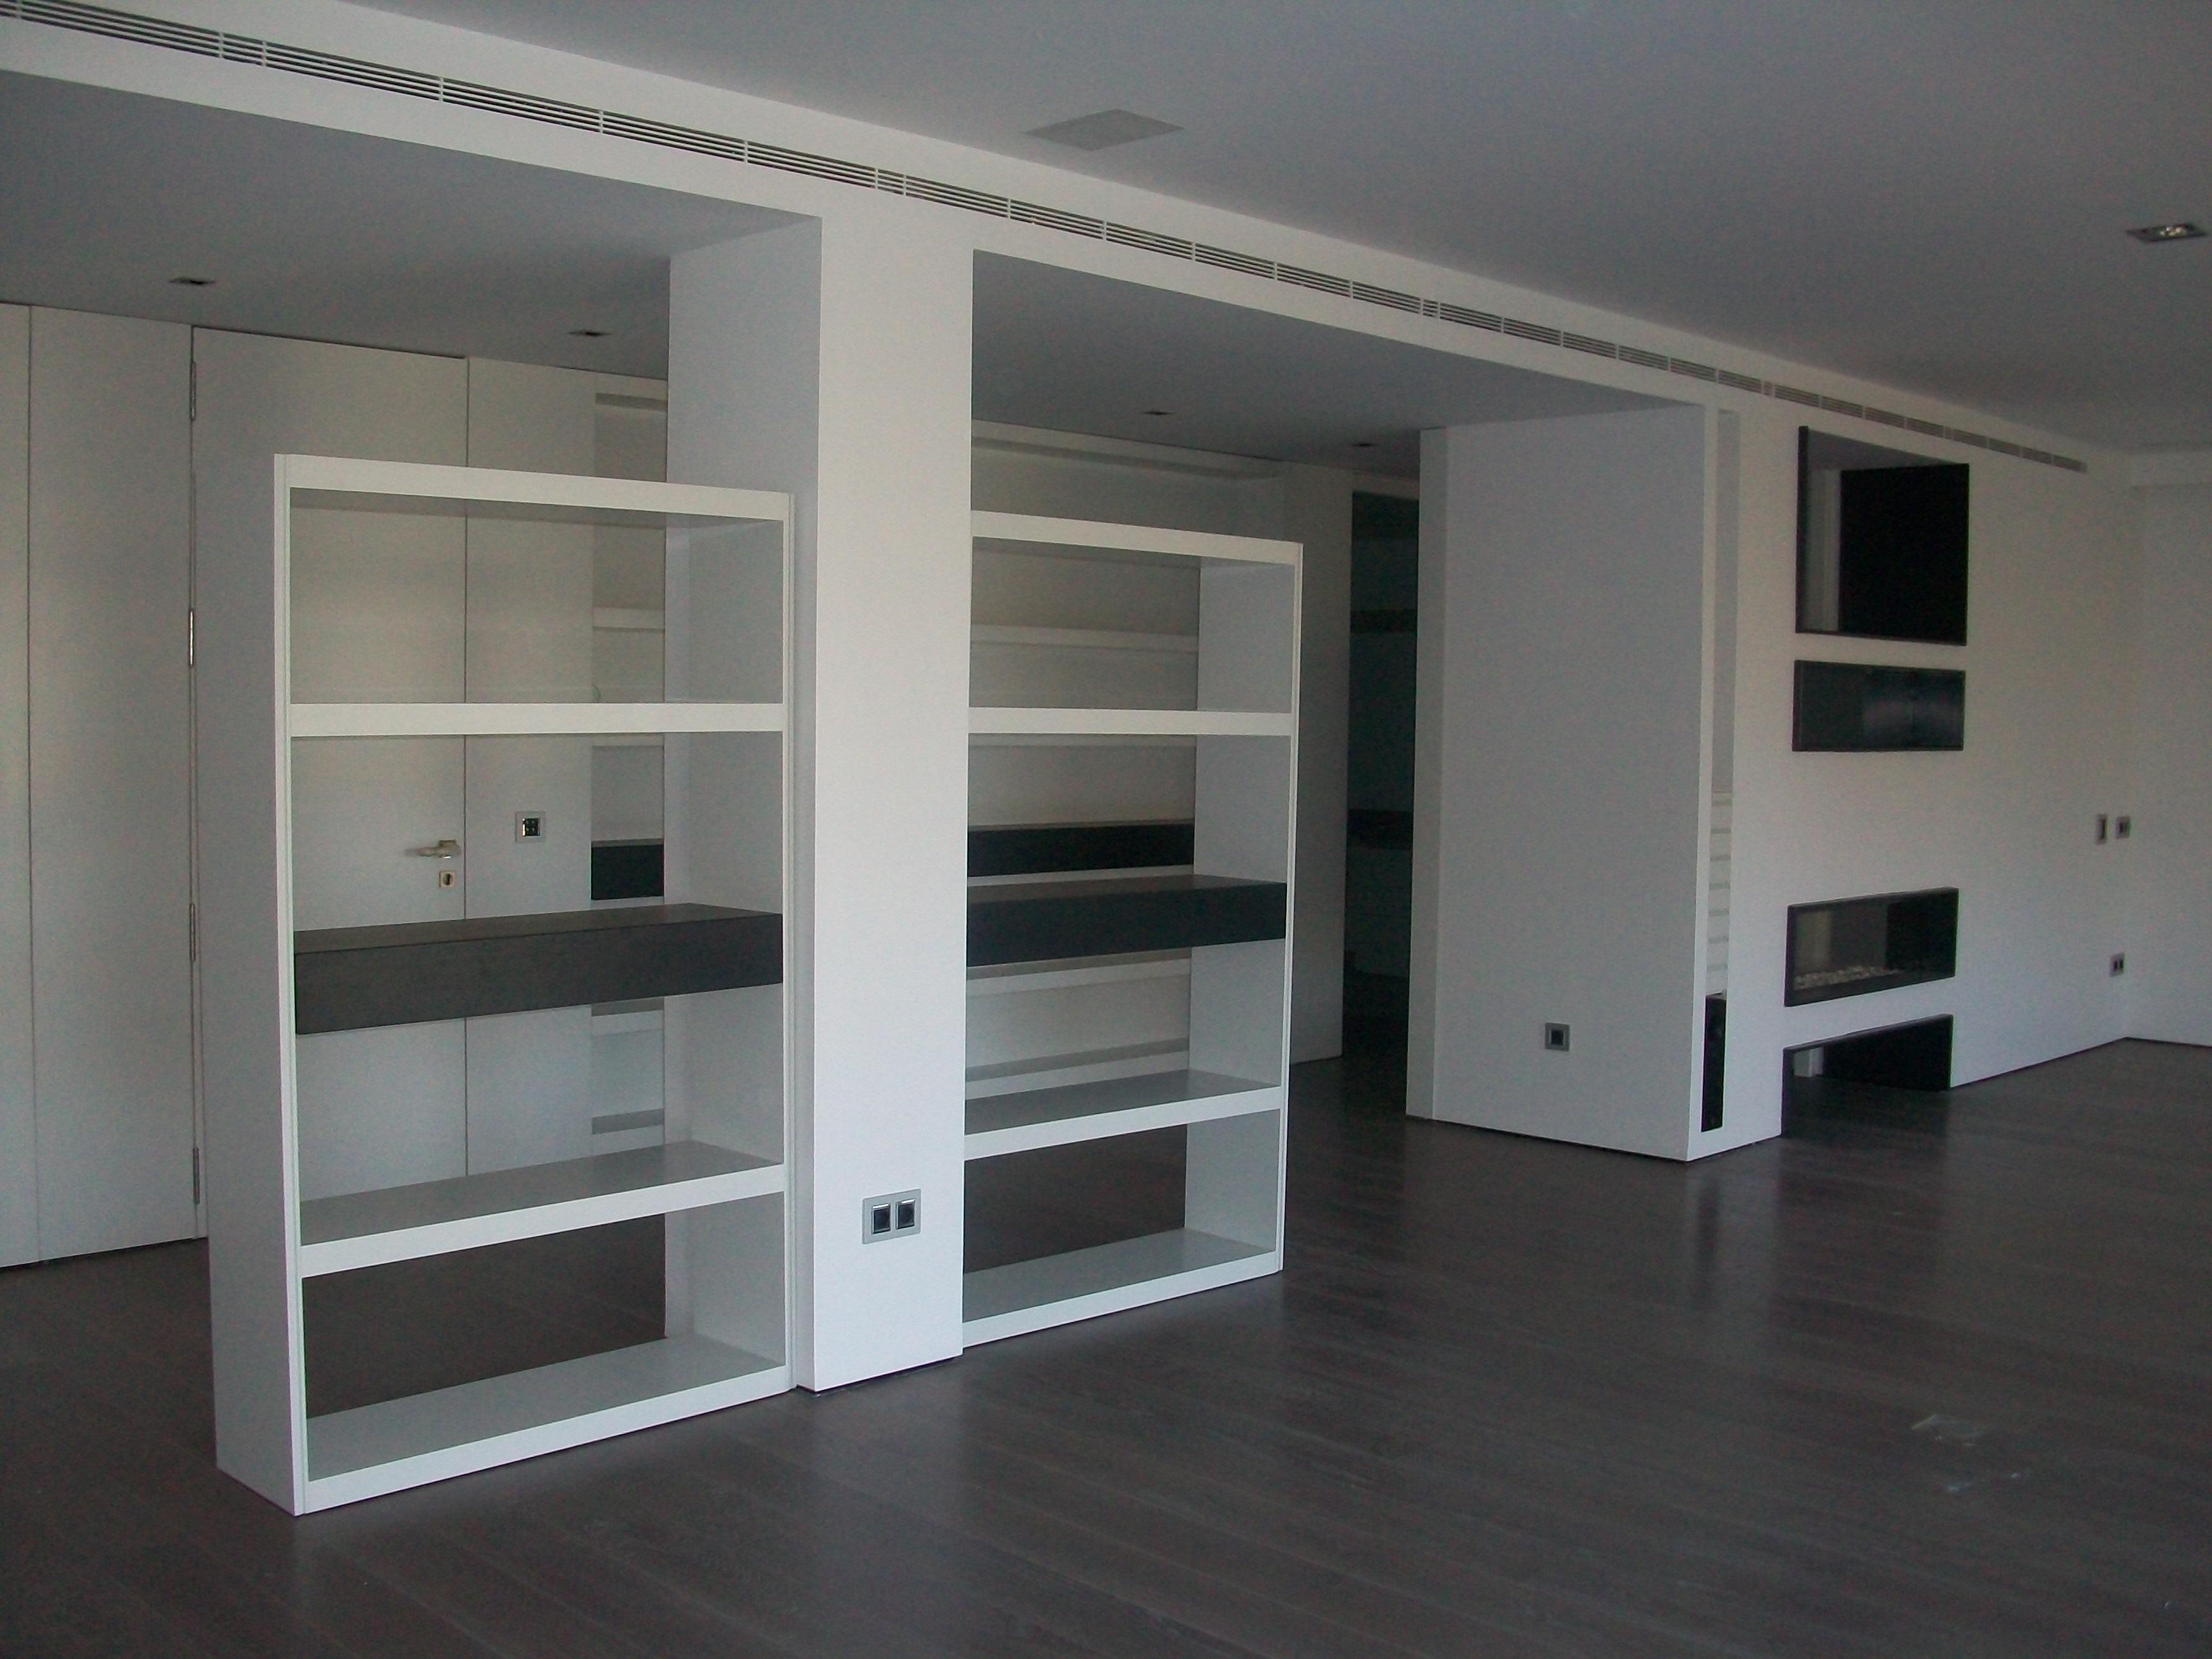 fabrica-empresas-fabricacion-muebles-salones-comedor-a-medida-en-alicante-6